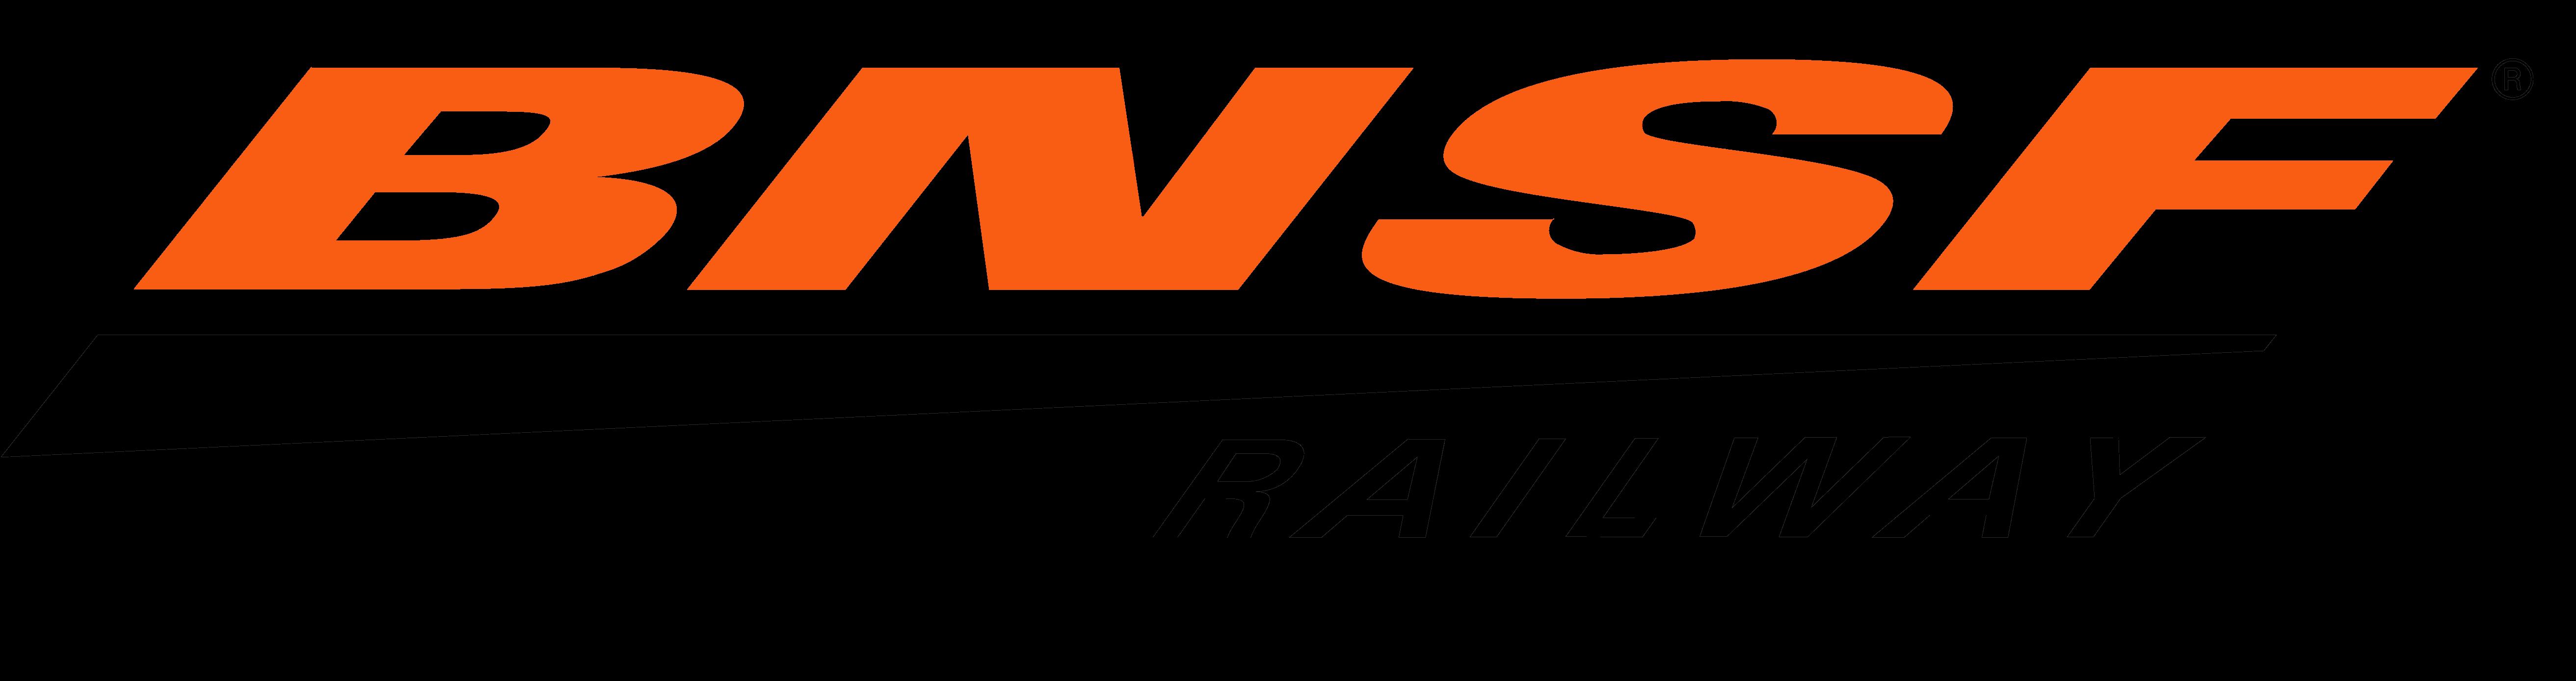 BNSF_Railway